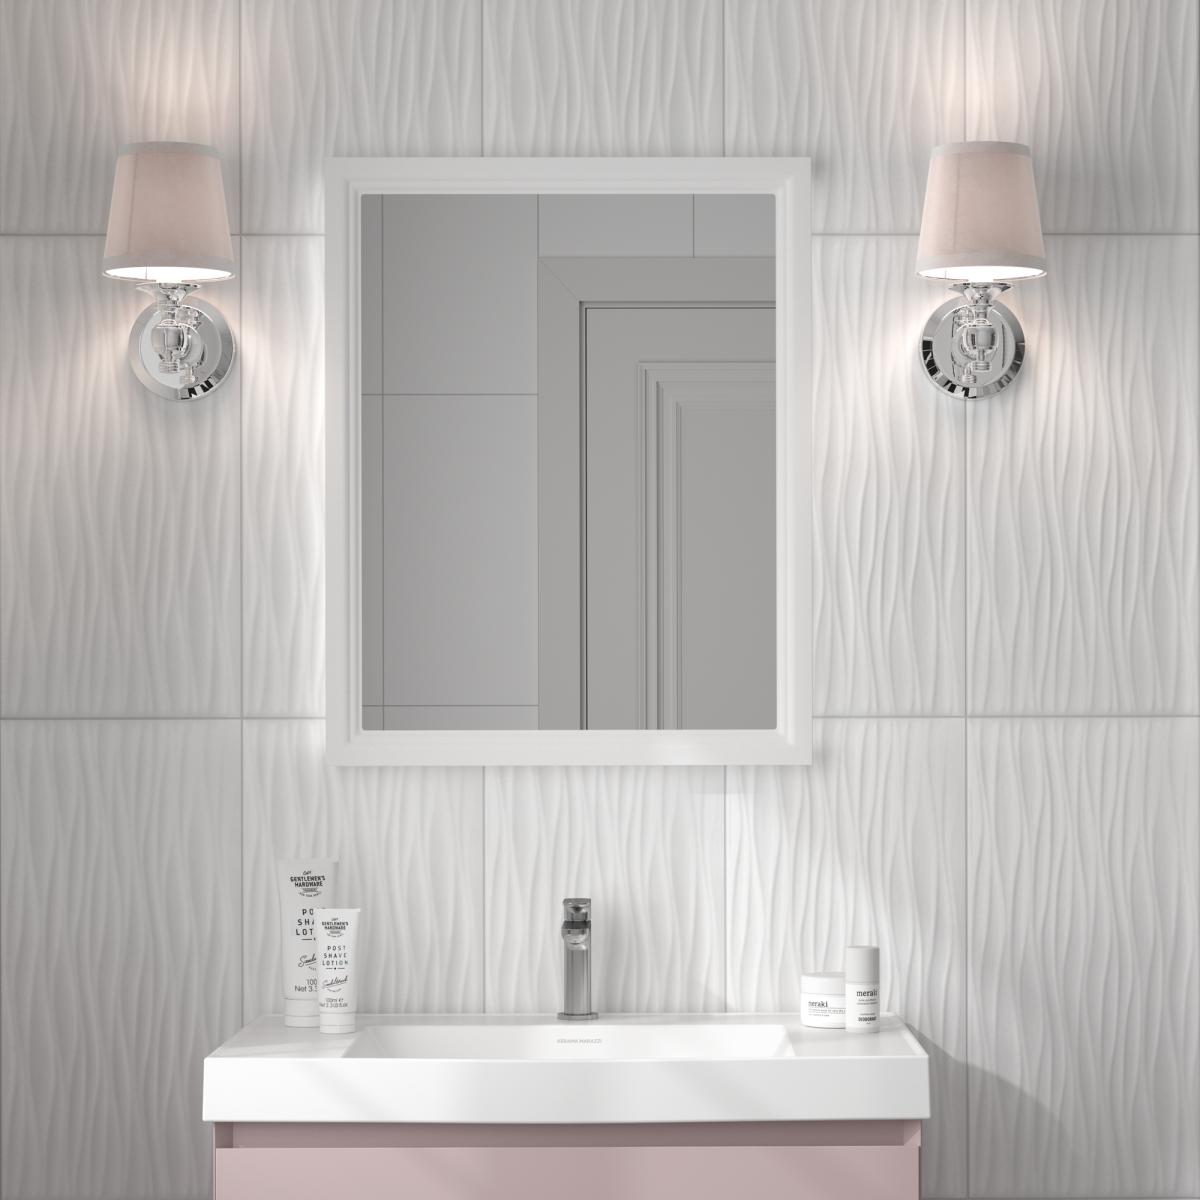 Плитка настенная Айс 3D 29.5х59.5 см см 1.08 м² цвет белый глянцевый